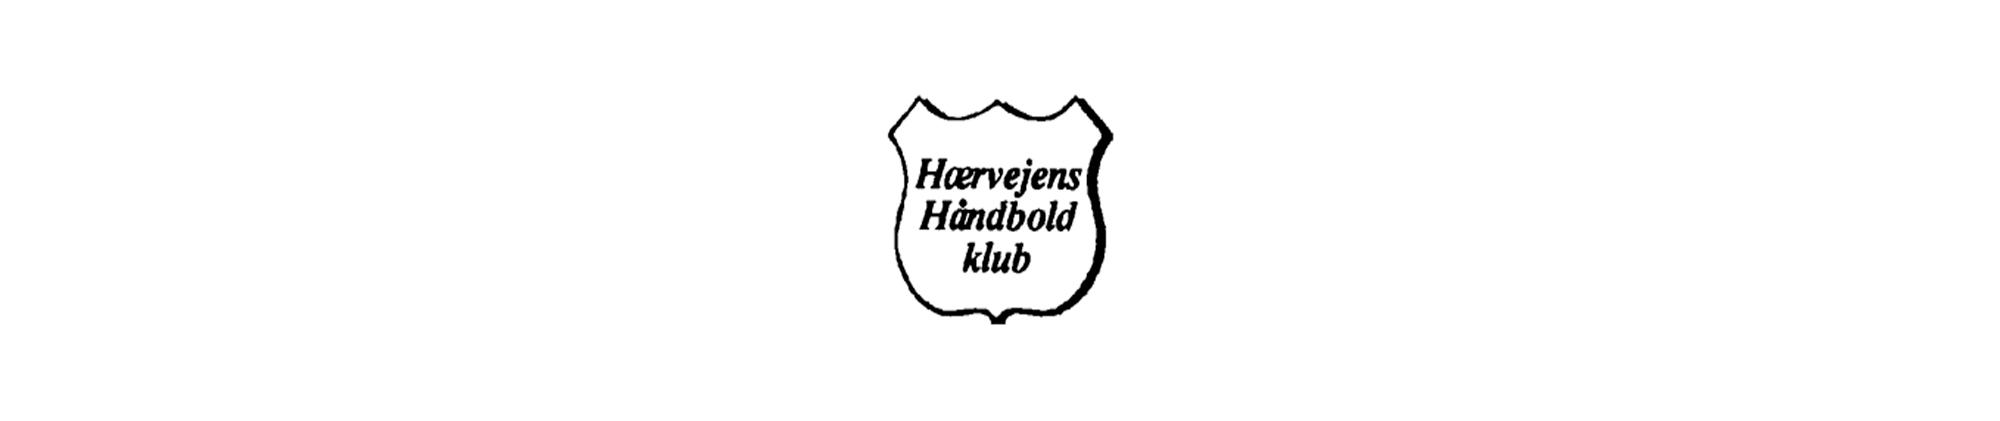 Ejstrup/Hærvejens håndboldklub